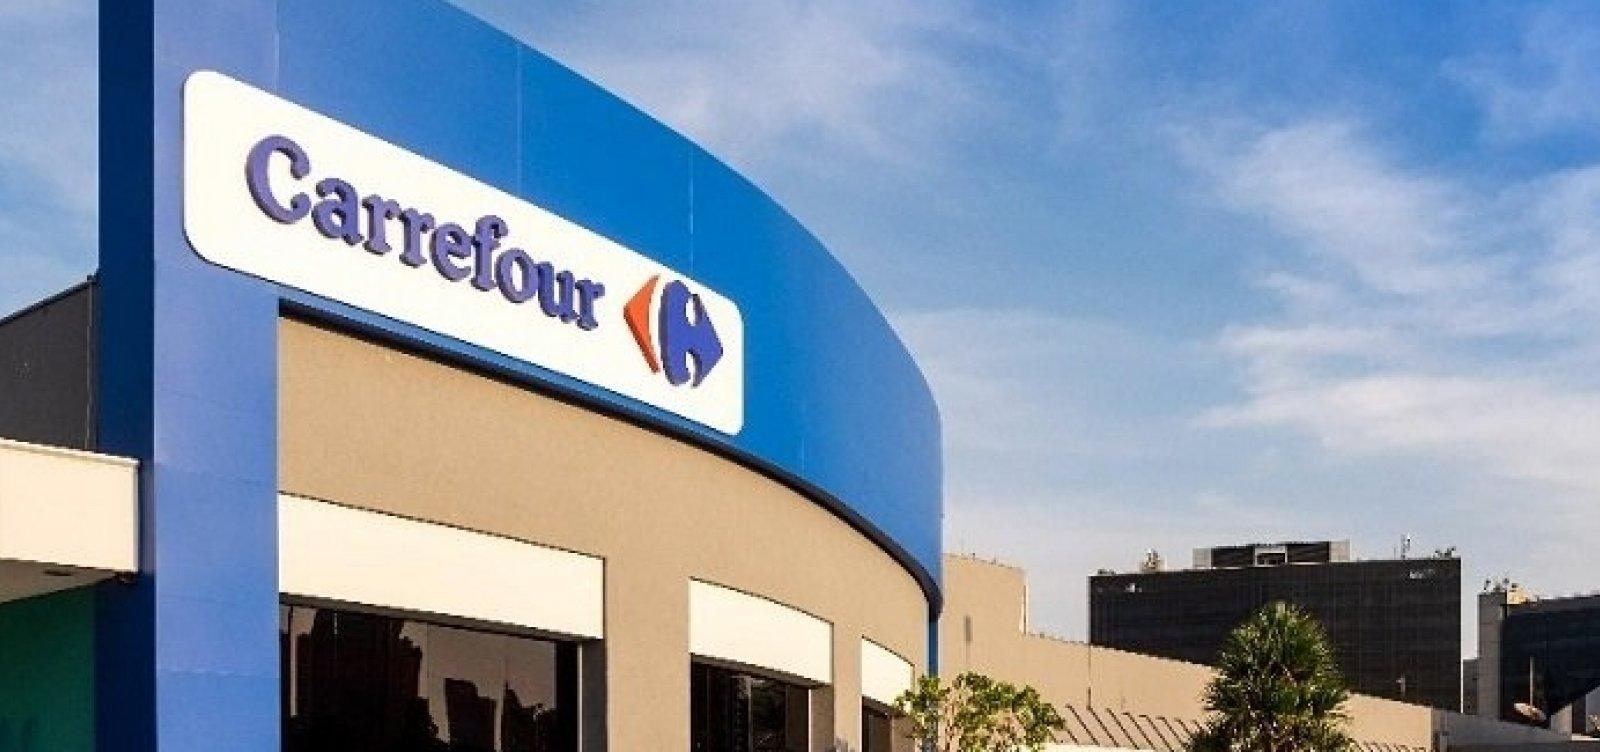 [Carrefour é removido do Instituto Ethos, de responsabilidade social ]